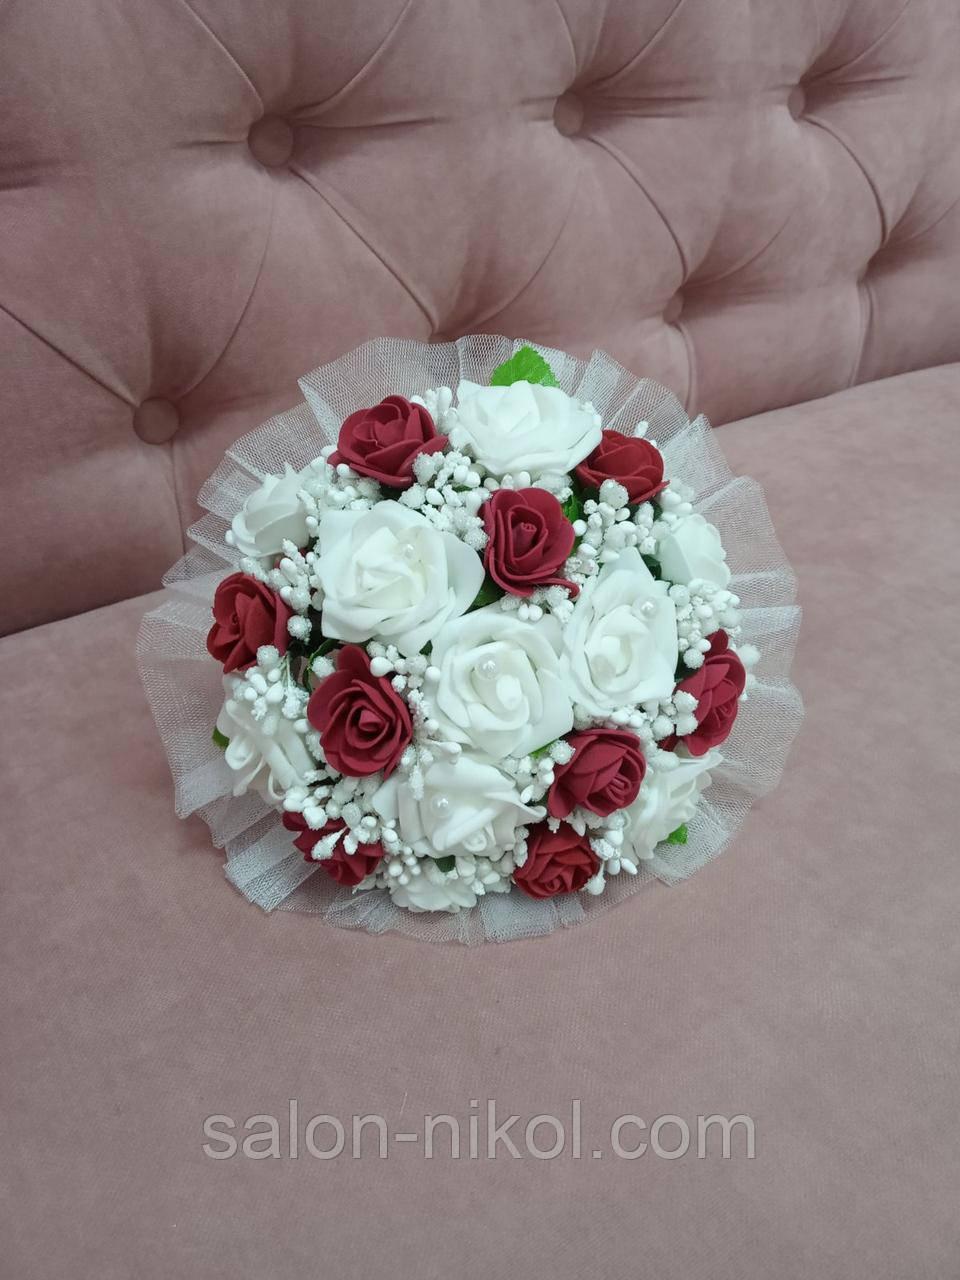 Свадебный букет-дублер для невесты в цвете марсала